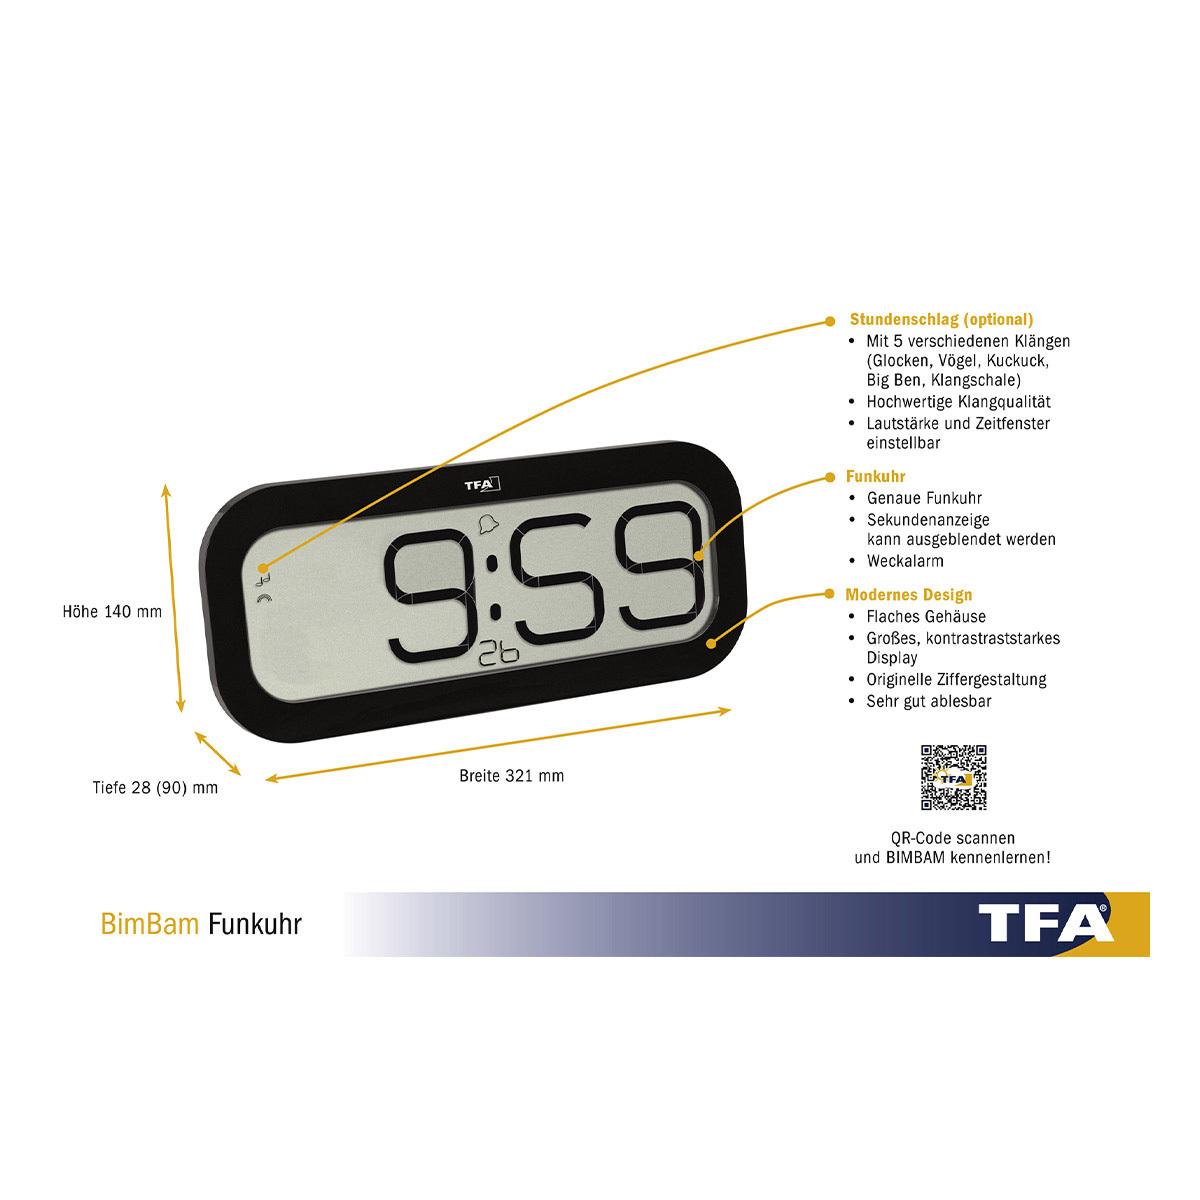 60-4514-01-digitale-funkuhr-mit-stundenschlag-bimbam-abmessungen-1200x1200px.jpg